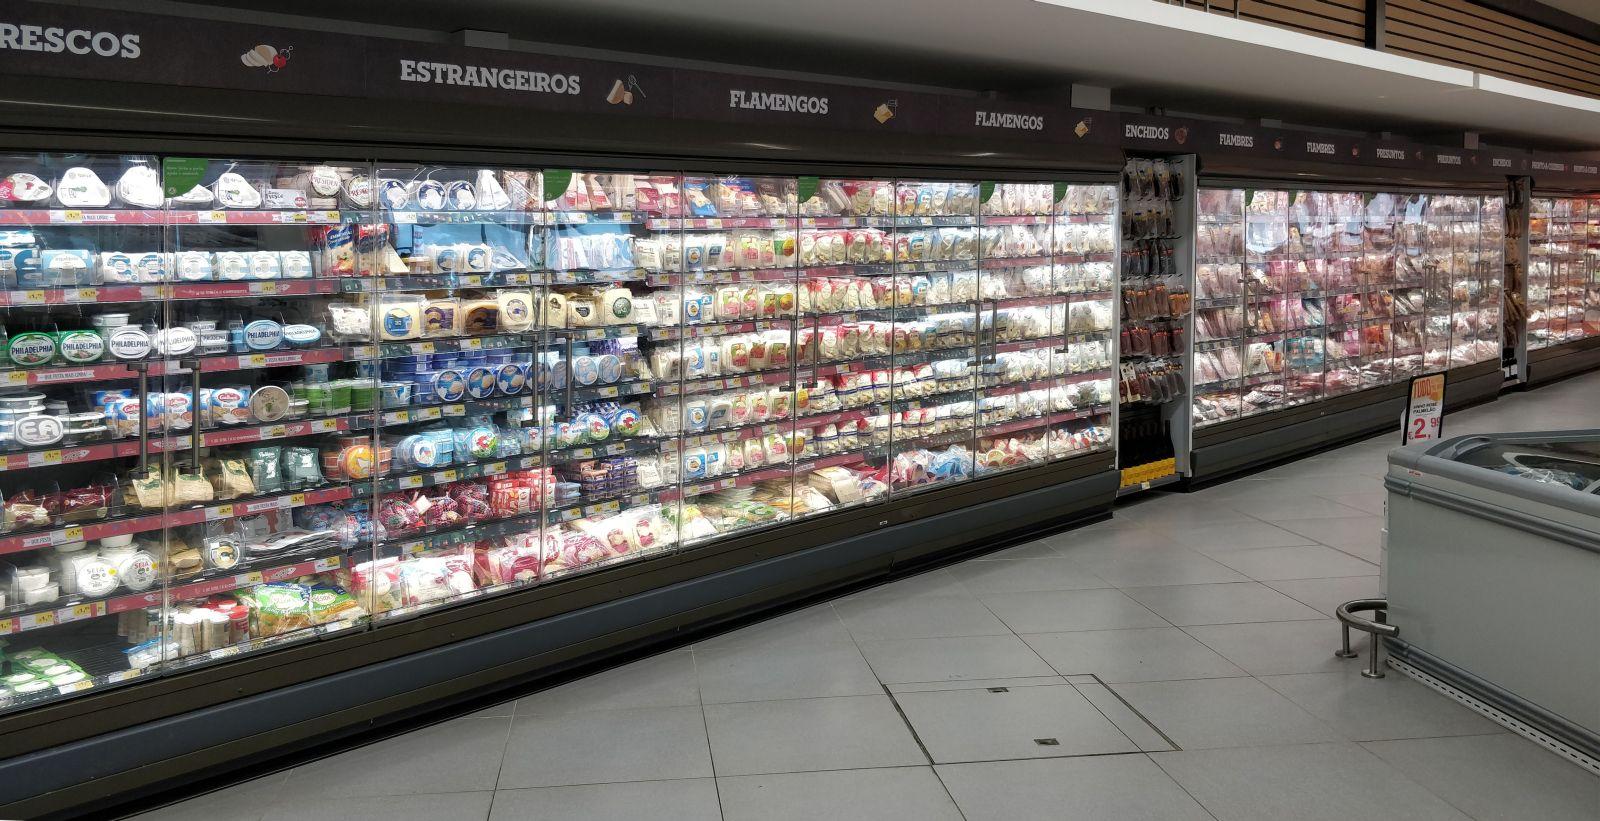 Scaffalature Per Supermercati Usate.Ristoaffari Attrezzature Per Supermercati Supermarket Nuove E Usate